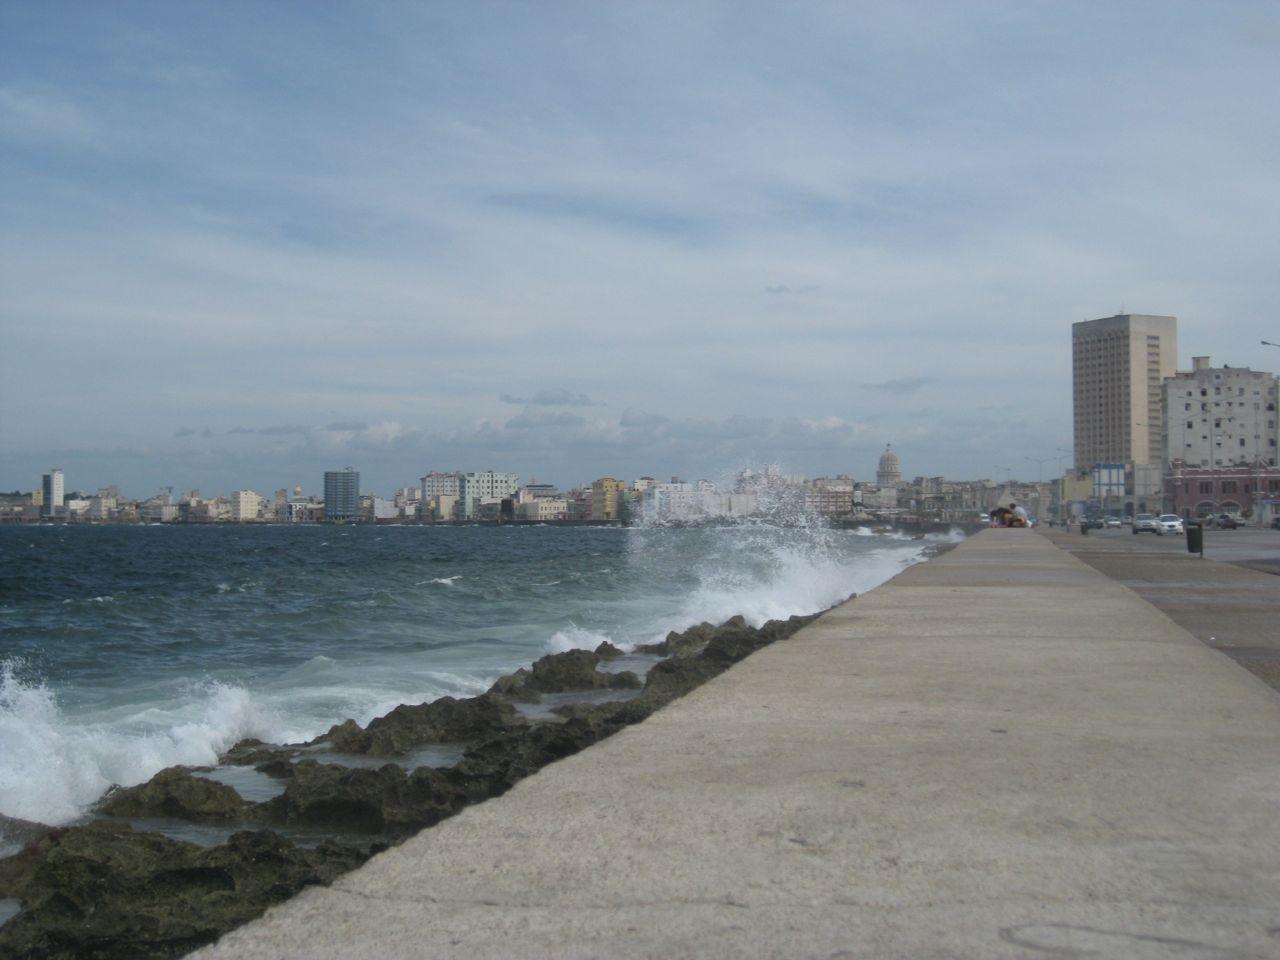 Wind und Wellen am Malecón